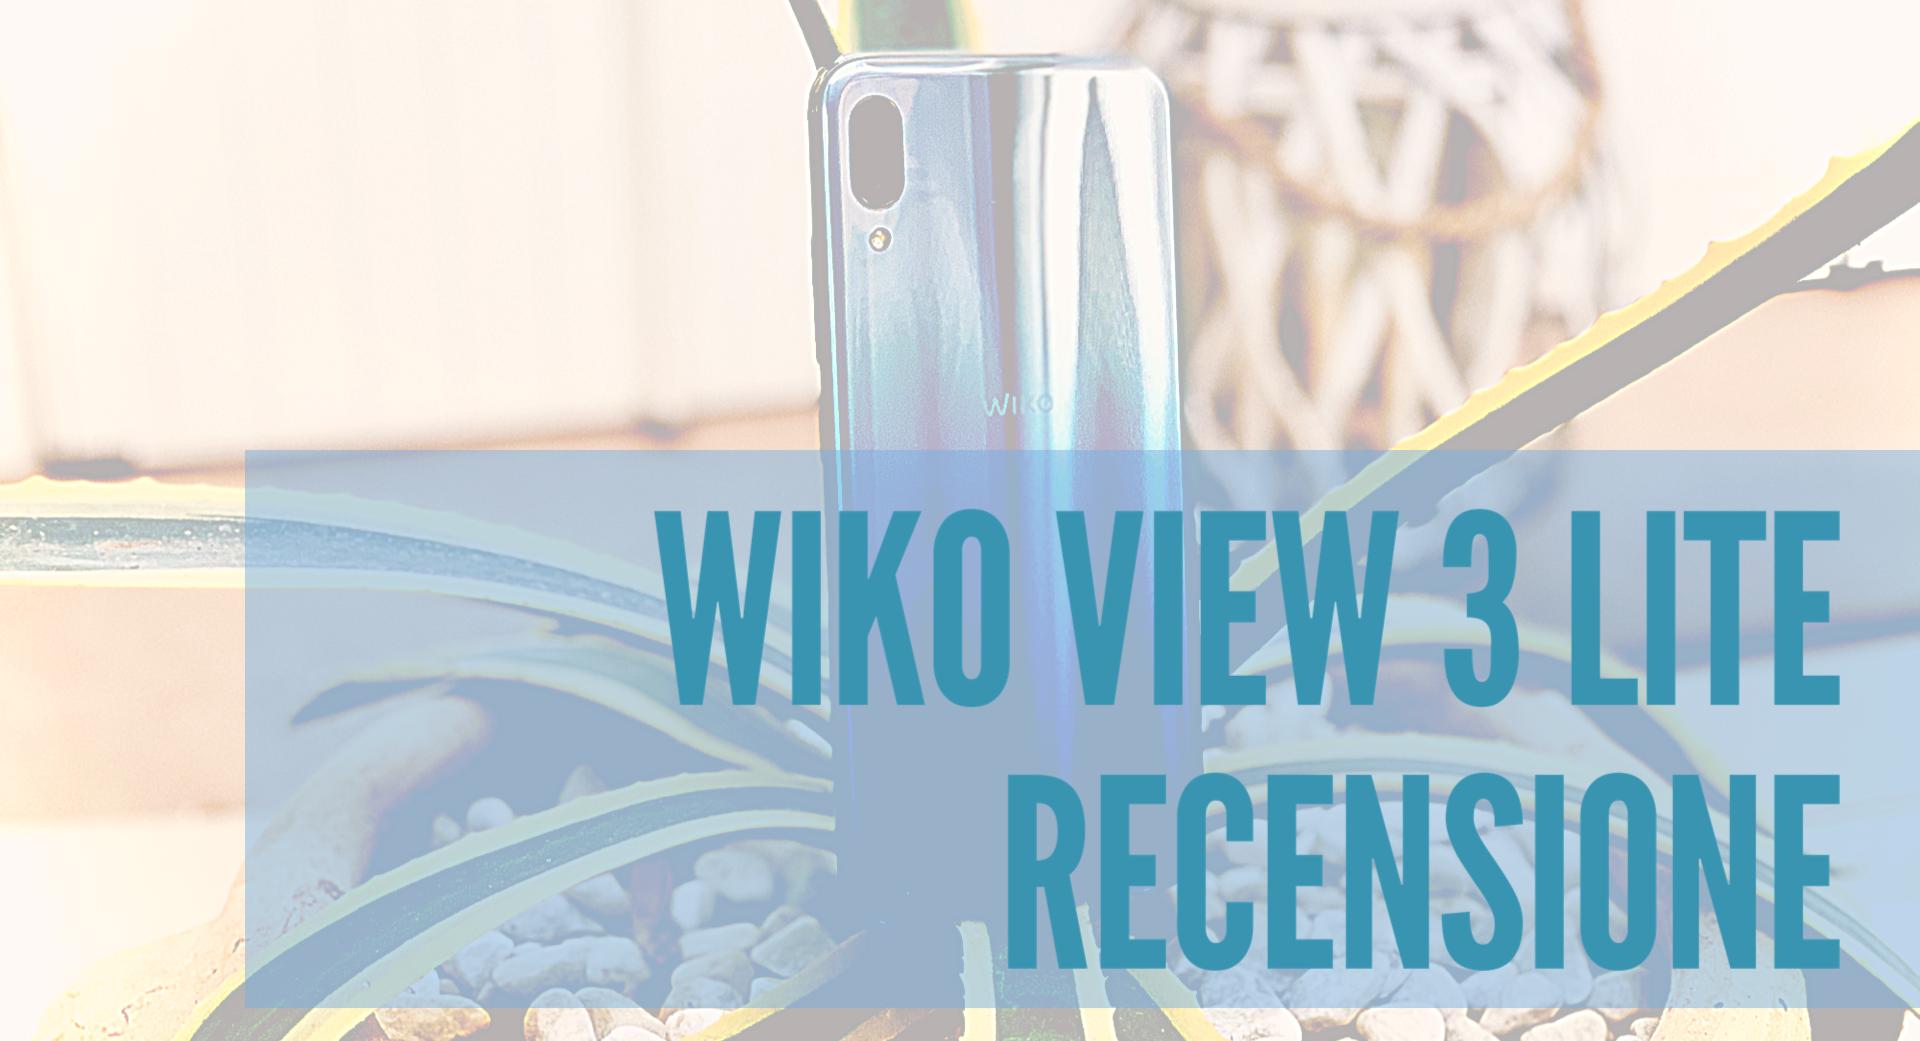 Wiko View 3 Lite recensione: un entry level dal design accattivante thumbnail